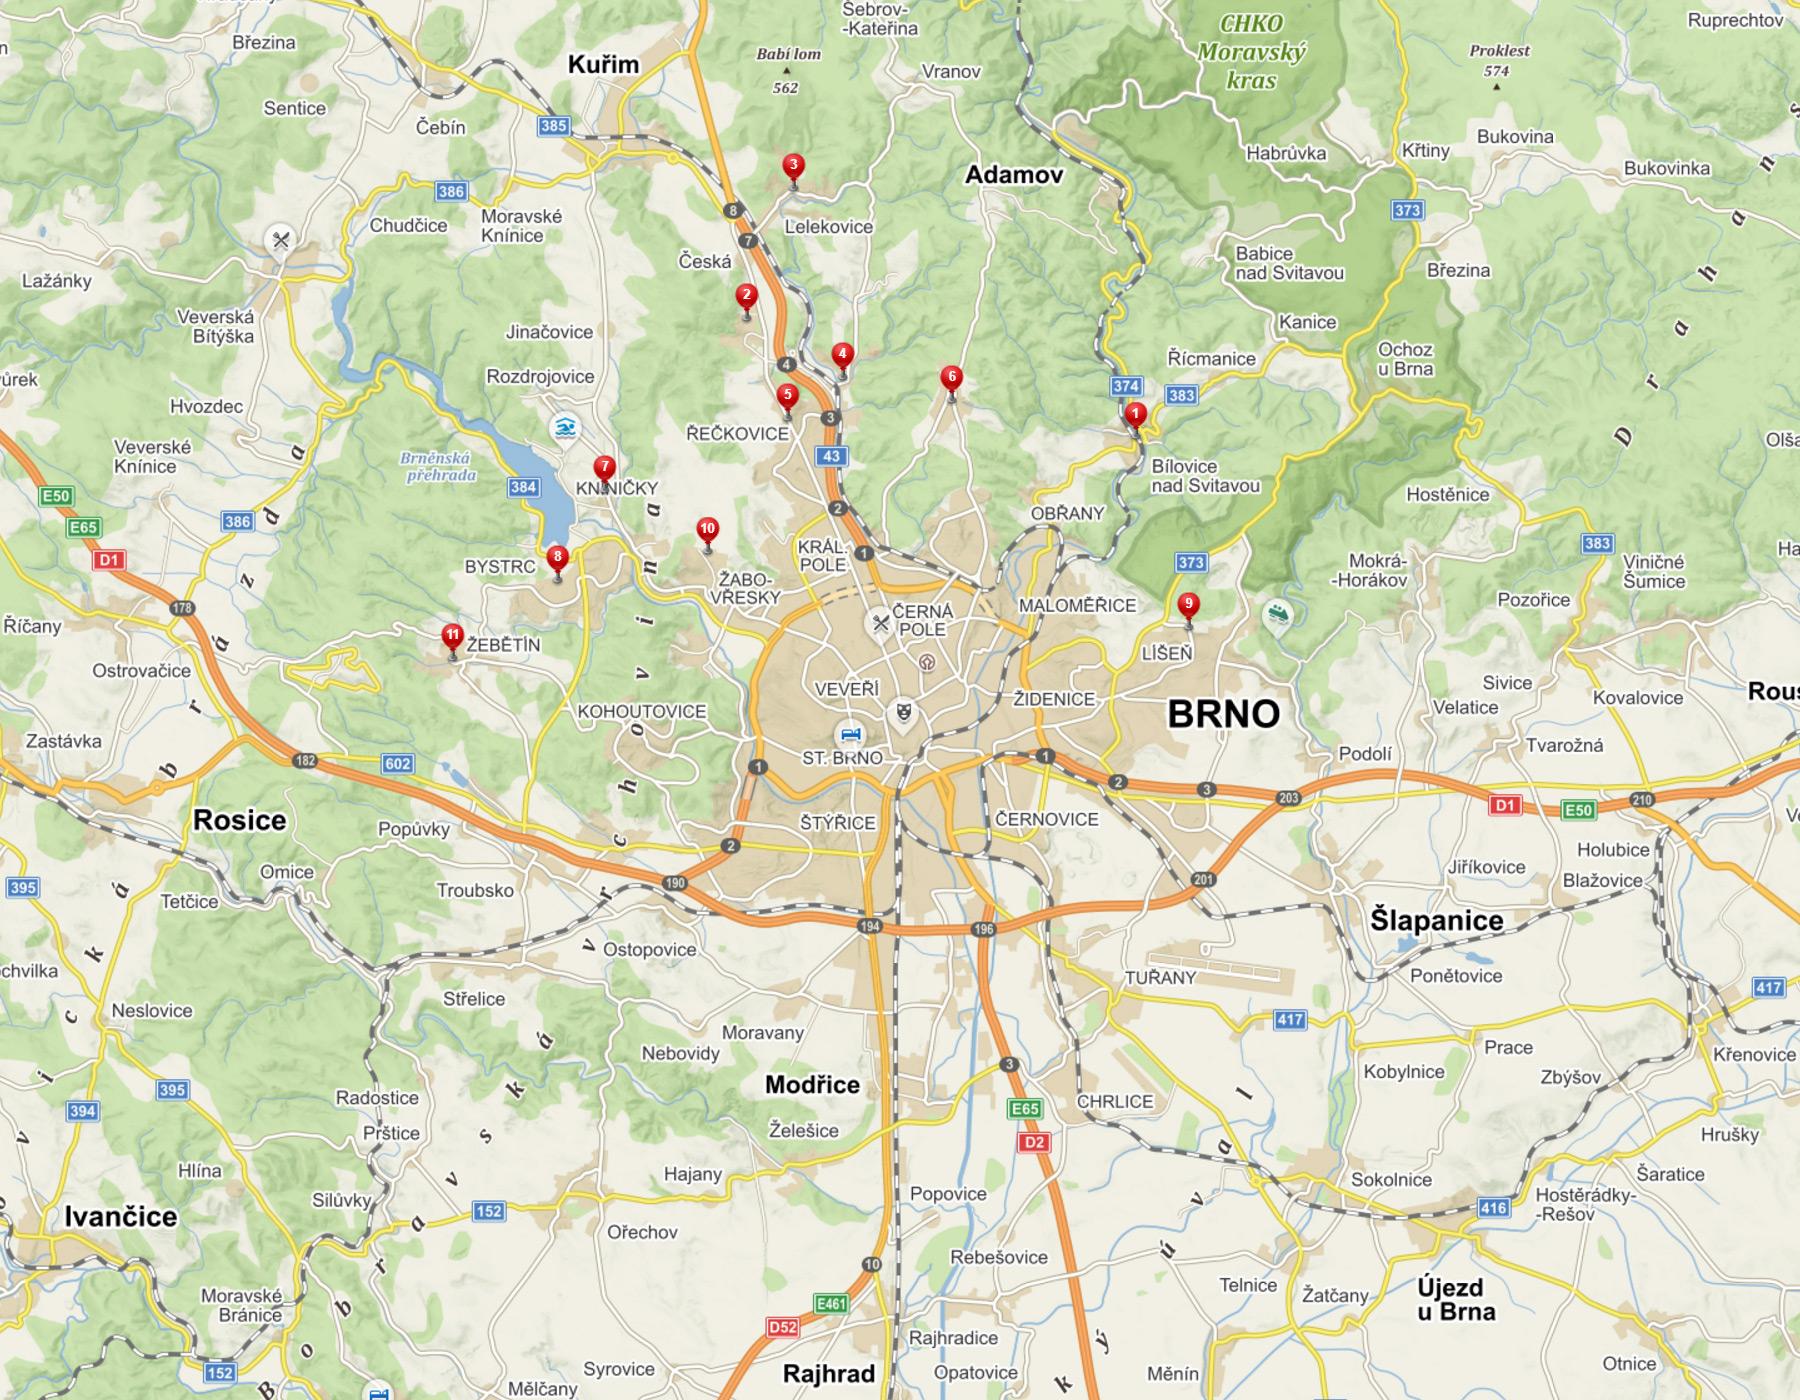 Mapa preferovaných lokalit